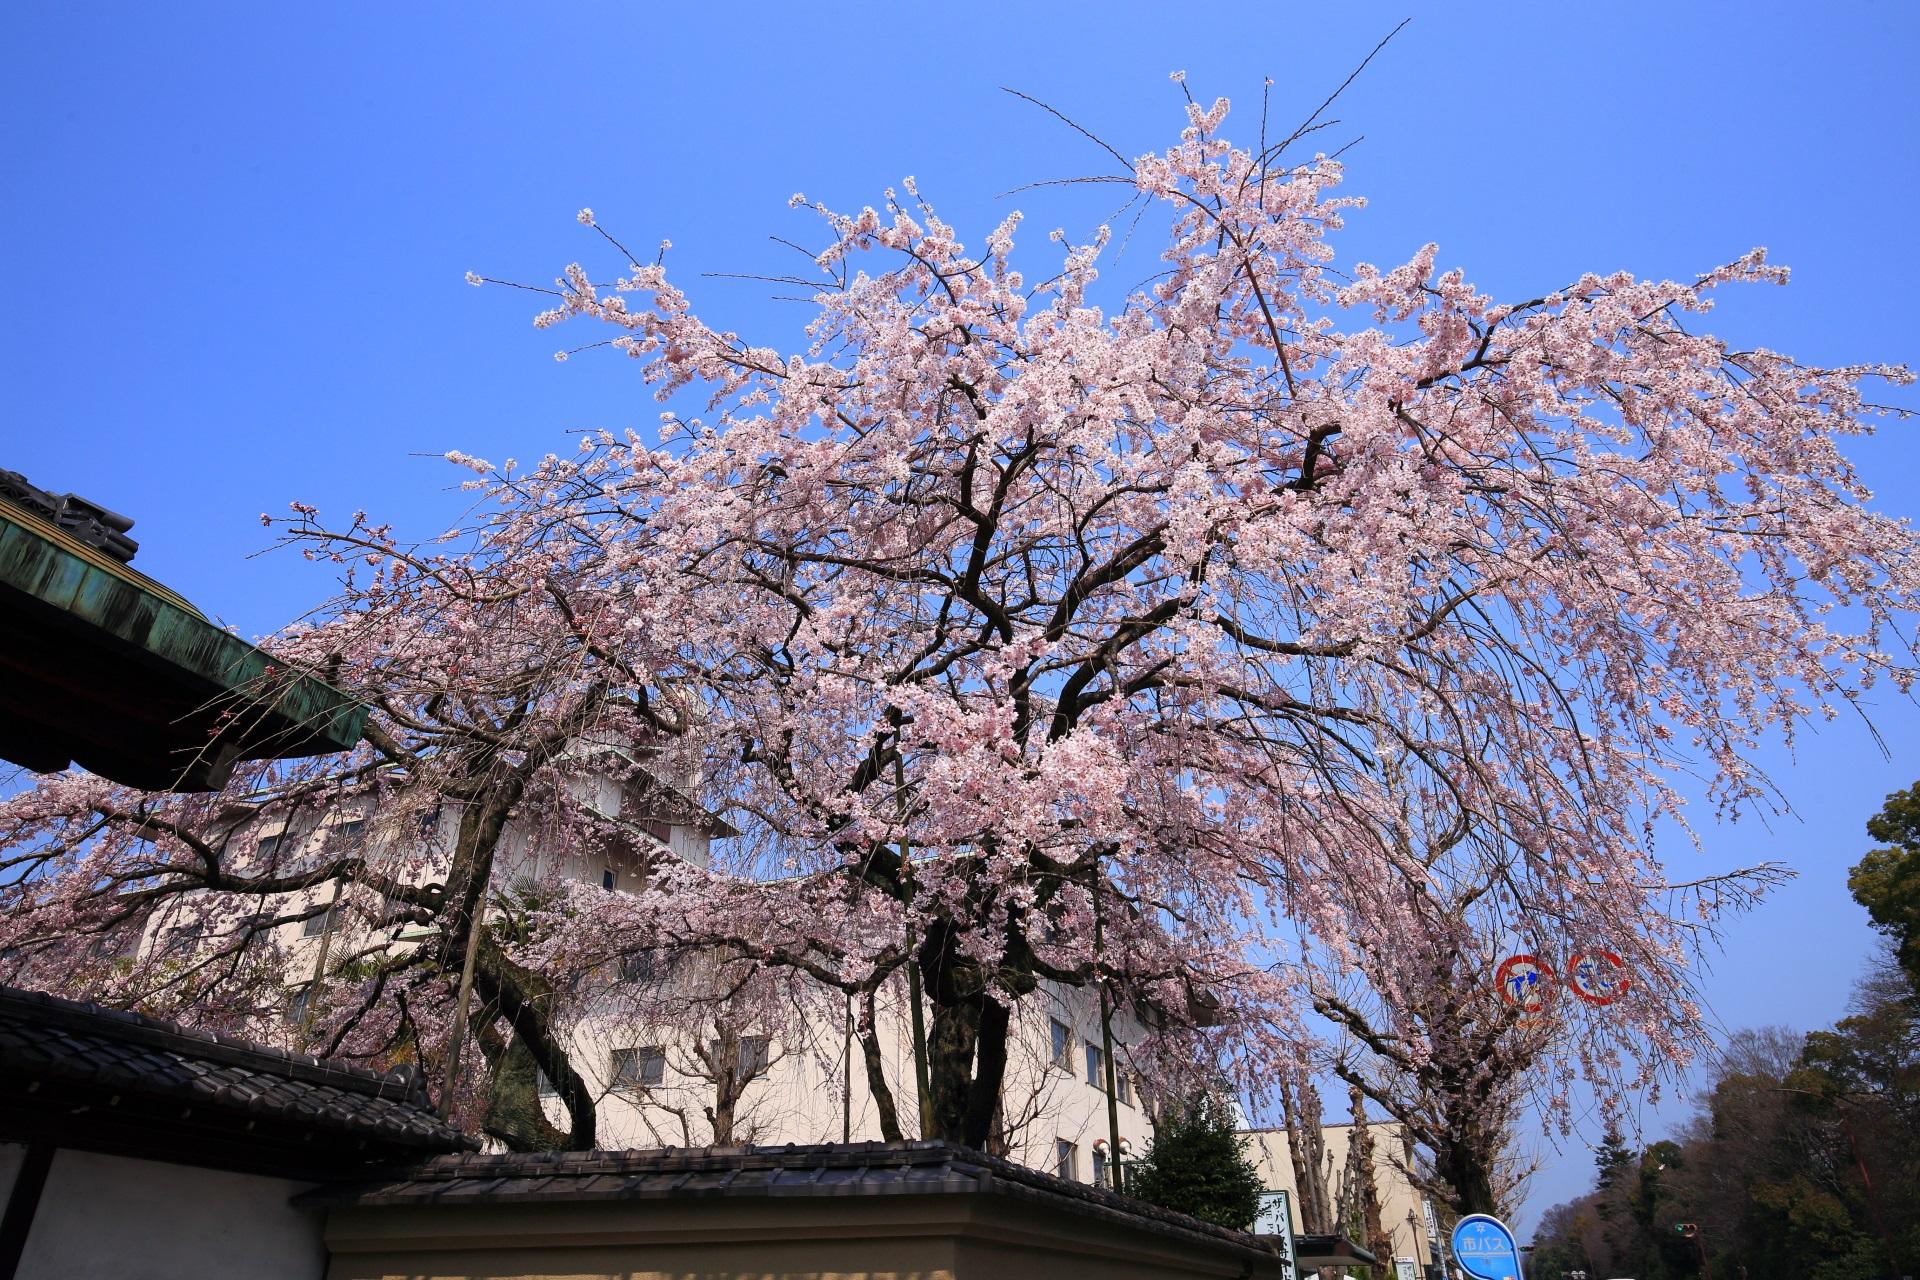 青空に映える有栖館のピンクのしだれ桜